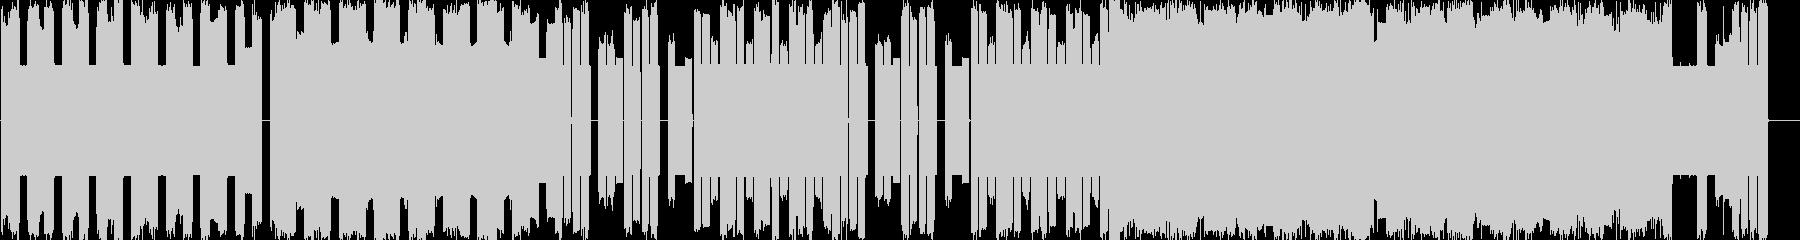 ファミコン系ピコピコフィールド曲の未再生の波形